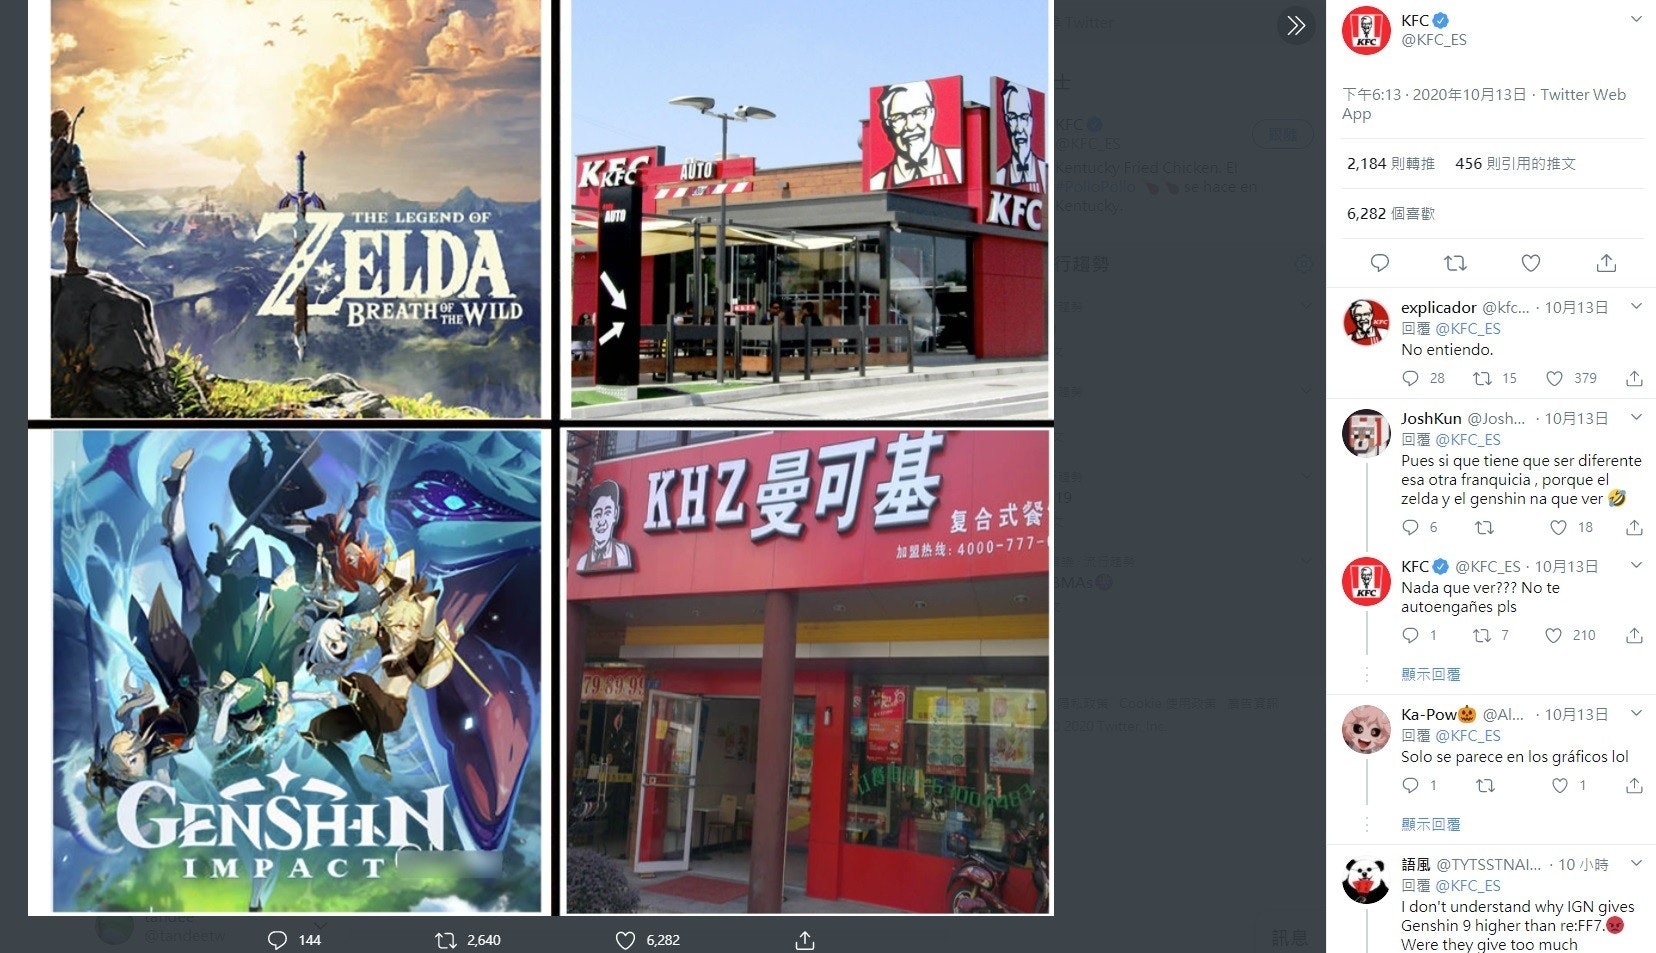 照片中提到了KFCO、KFC、@KFC_ES,跟任天堂、卡西迪有關,包含了展示廣告、數碼展示廣告、牌、儀表